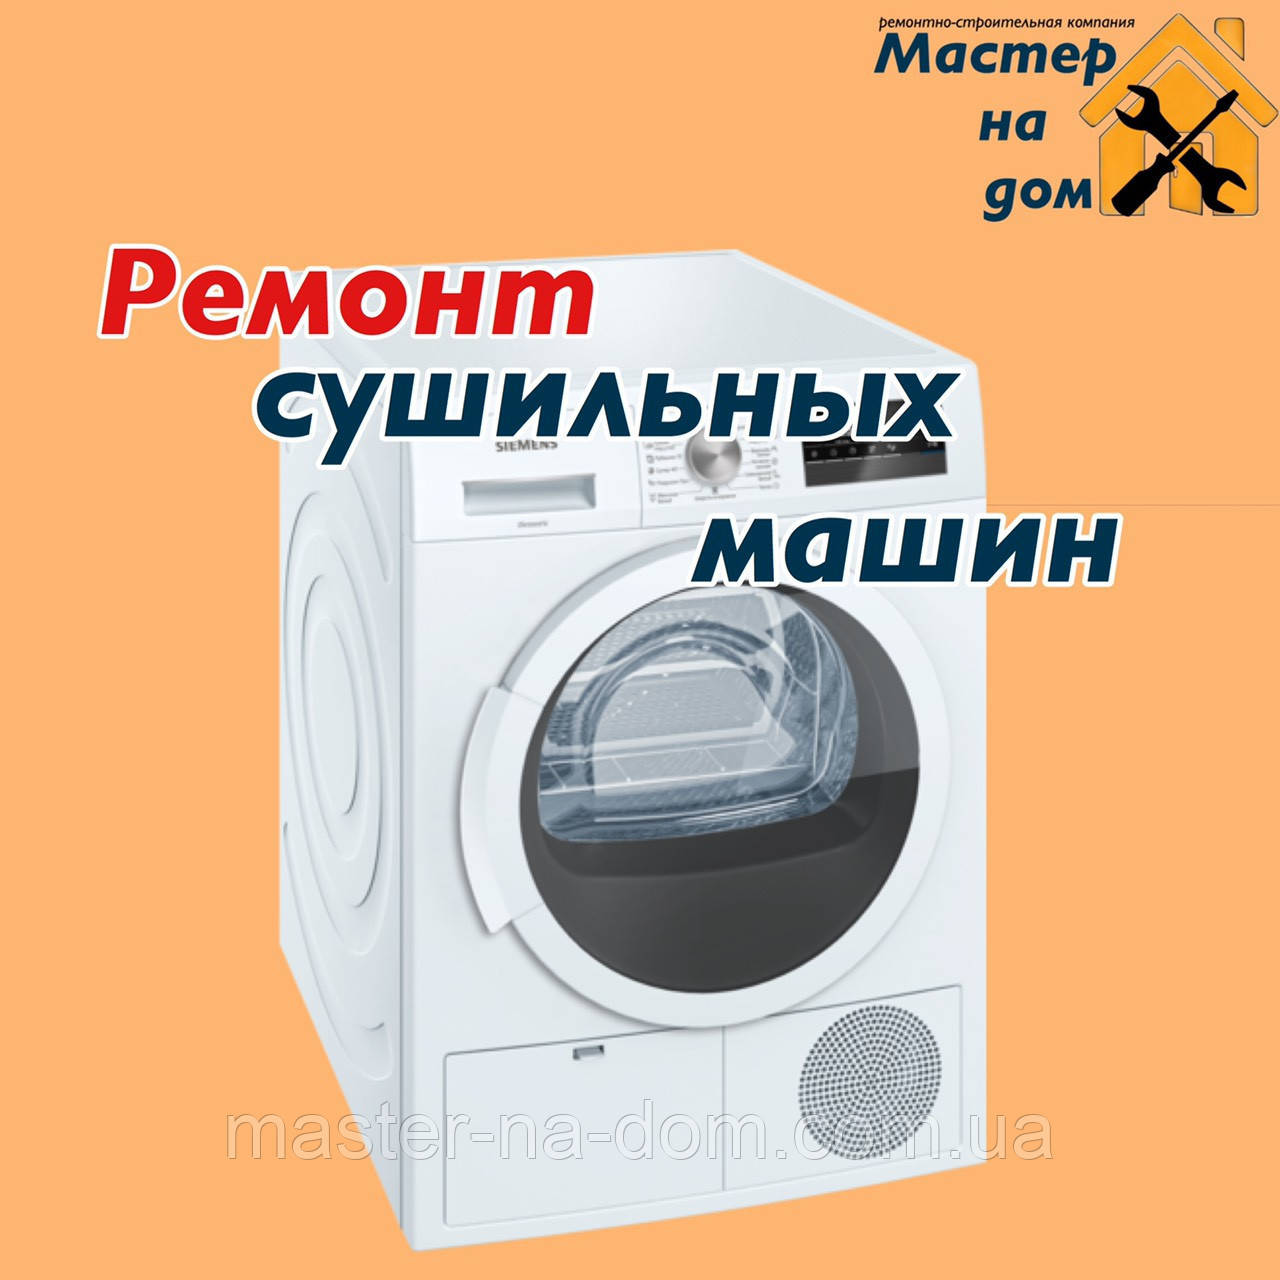 Ремонт сушильных машин в Кропивницком